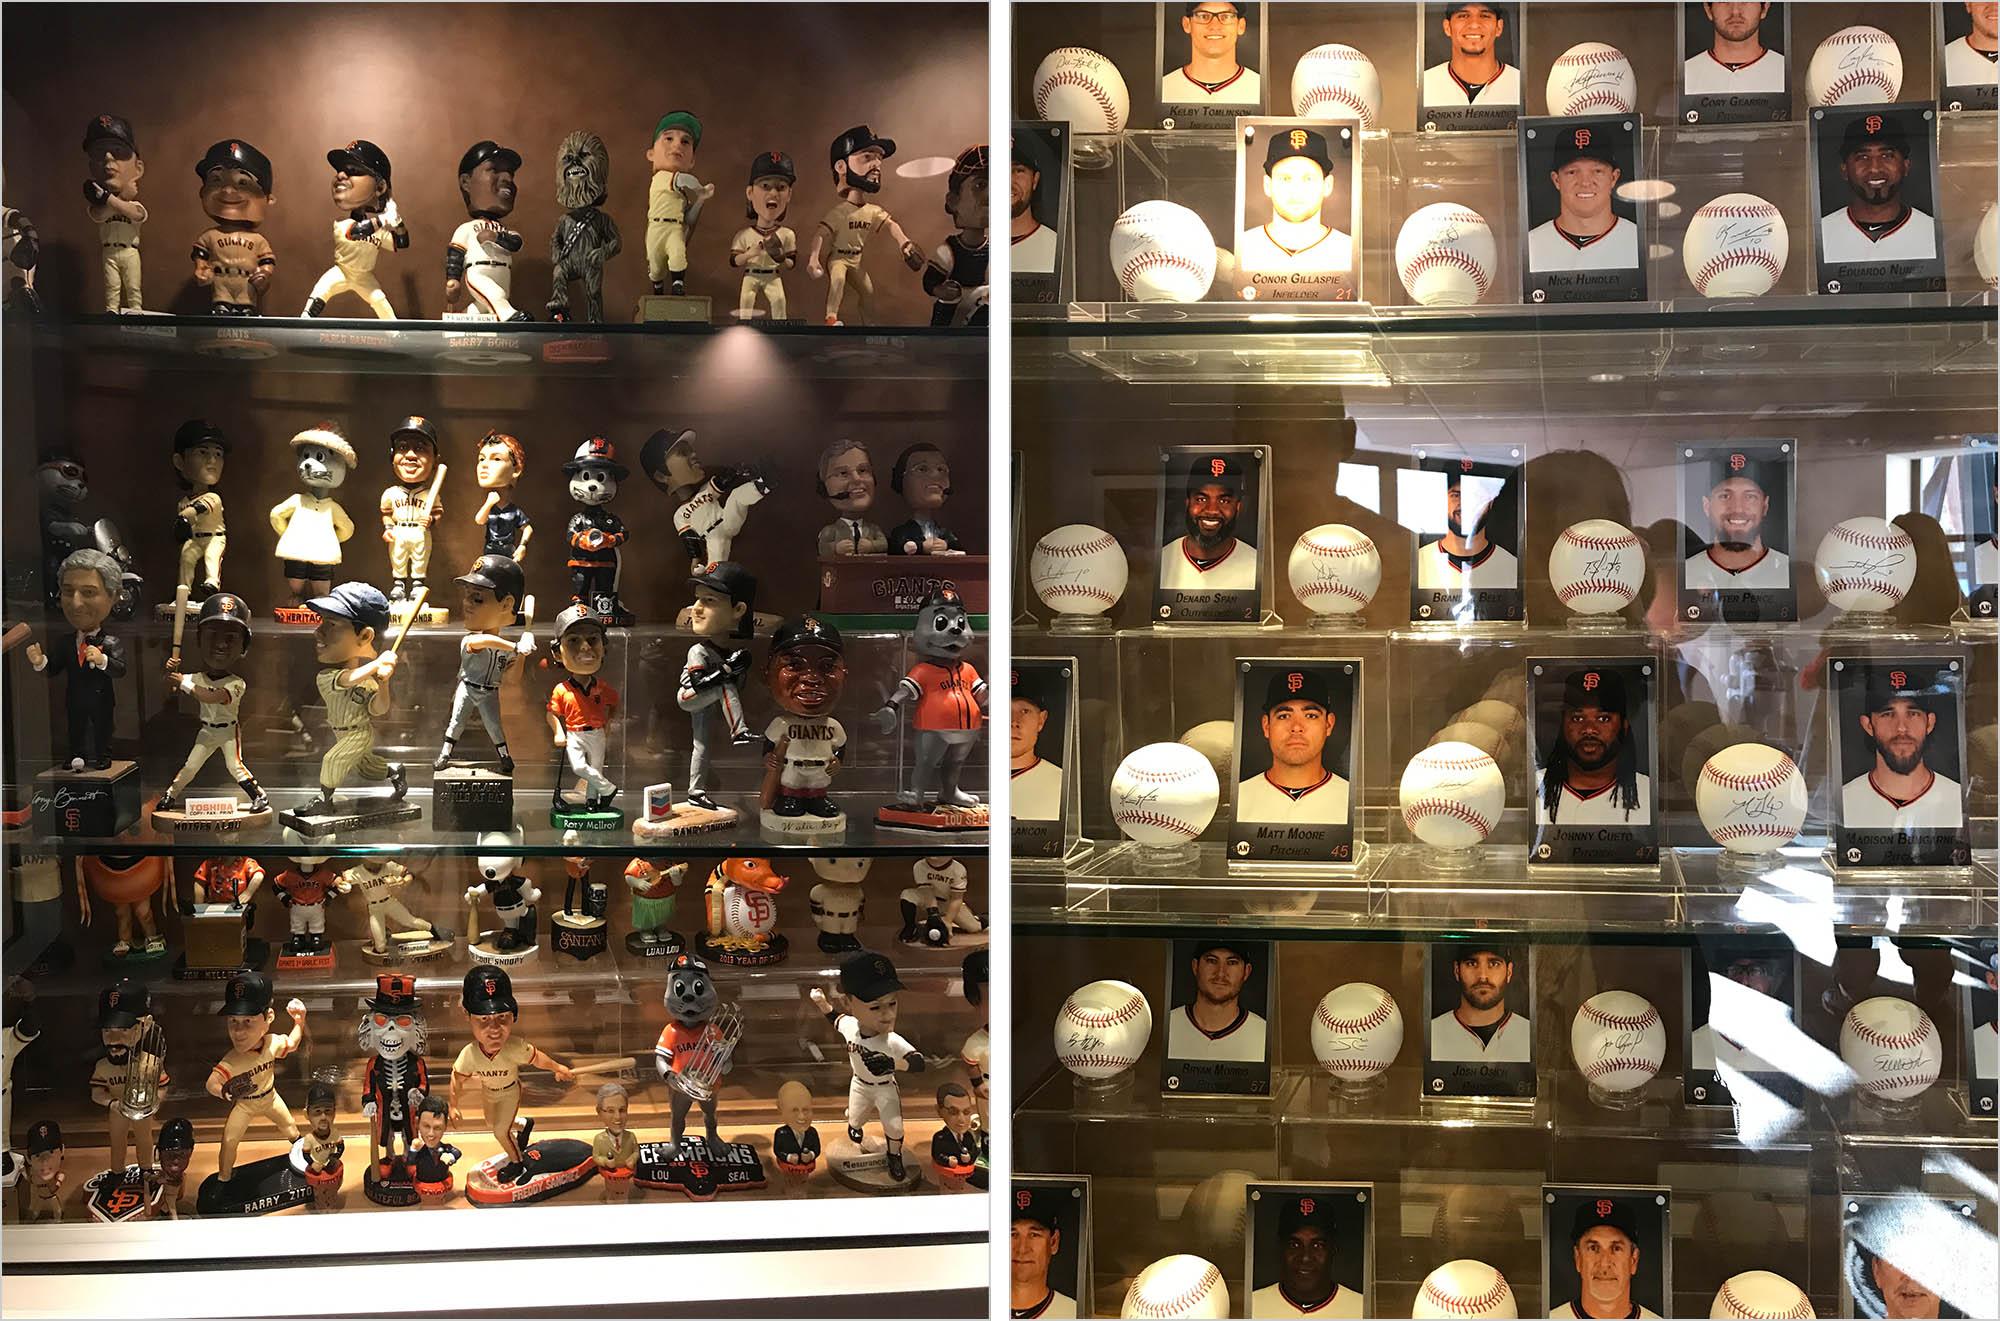 Фанаты покупают фигурки любимых бейсболистов, их портреты и бейсбольные мячи